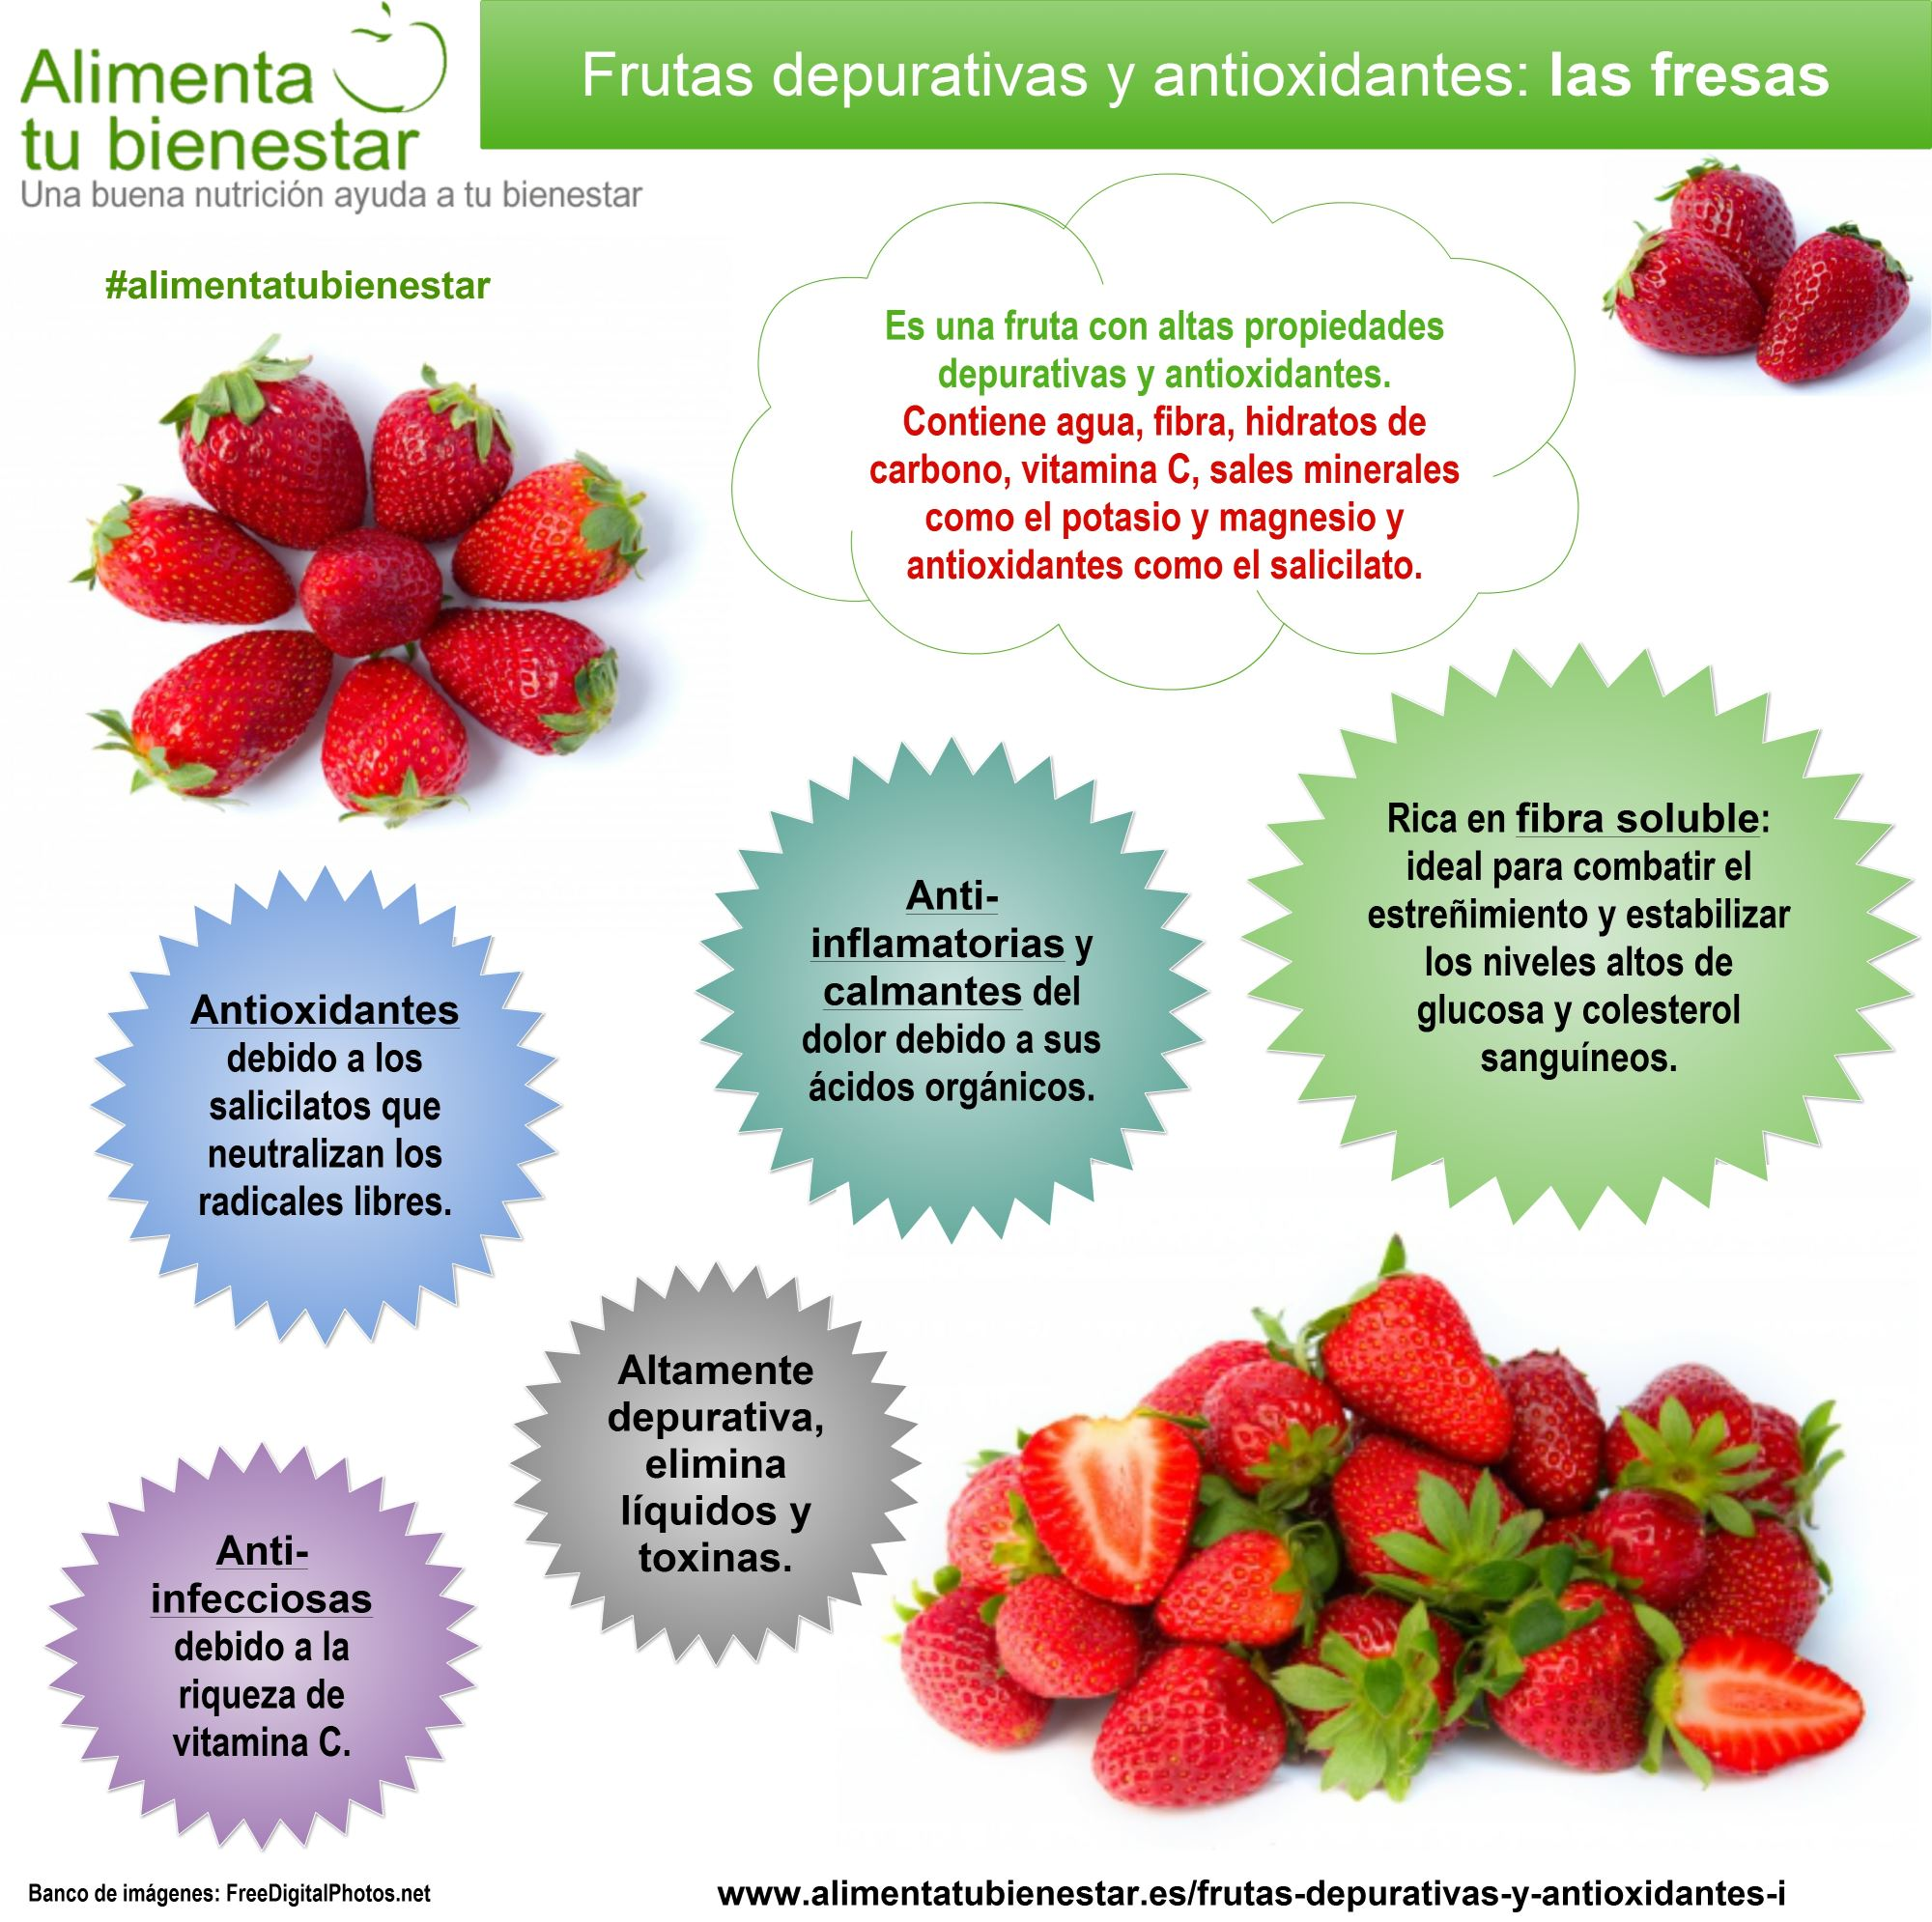 Infografía Frutas depurativas y antioxidantes Las Fresas